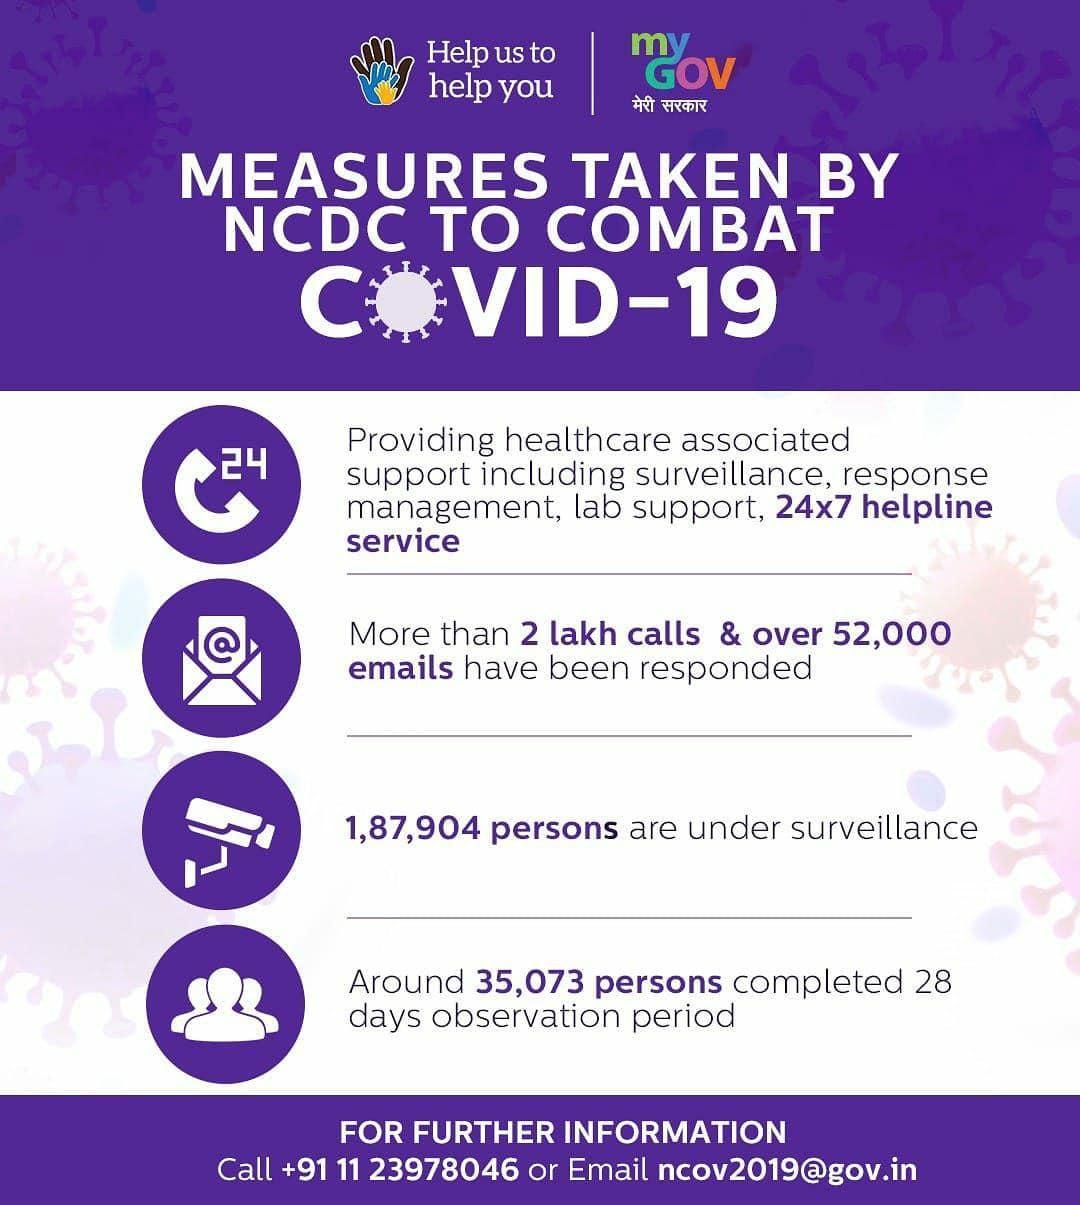 India under 21-day lockdown to fight coronavirus